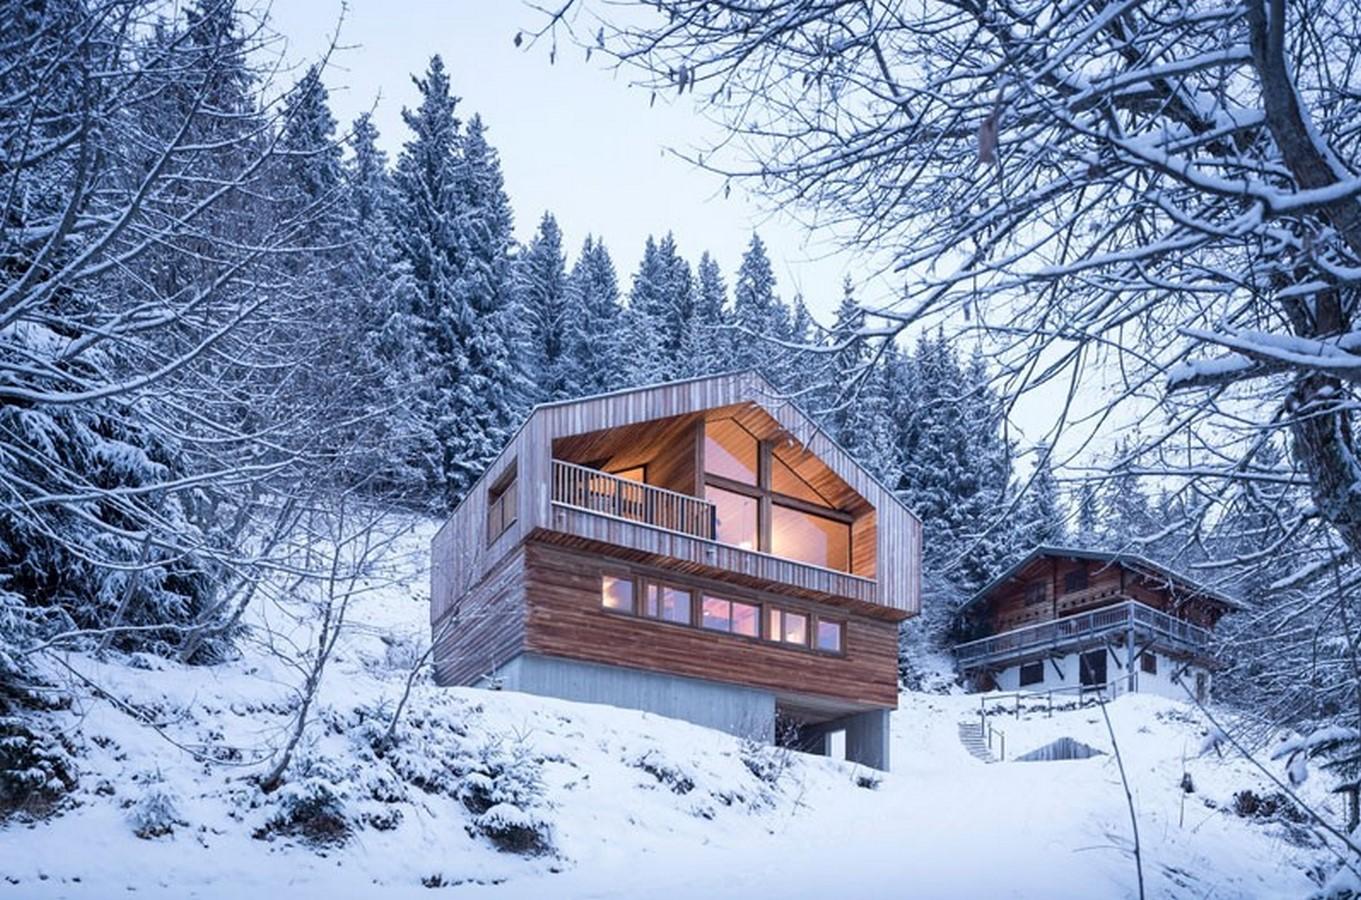 Mountain House - Studio Razavi Architecture - Sheet1